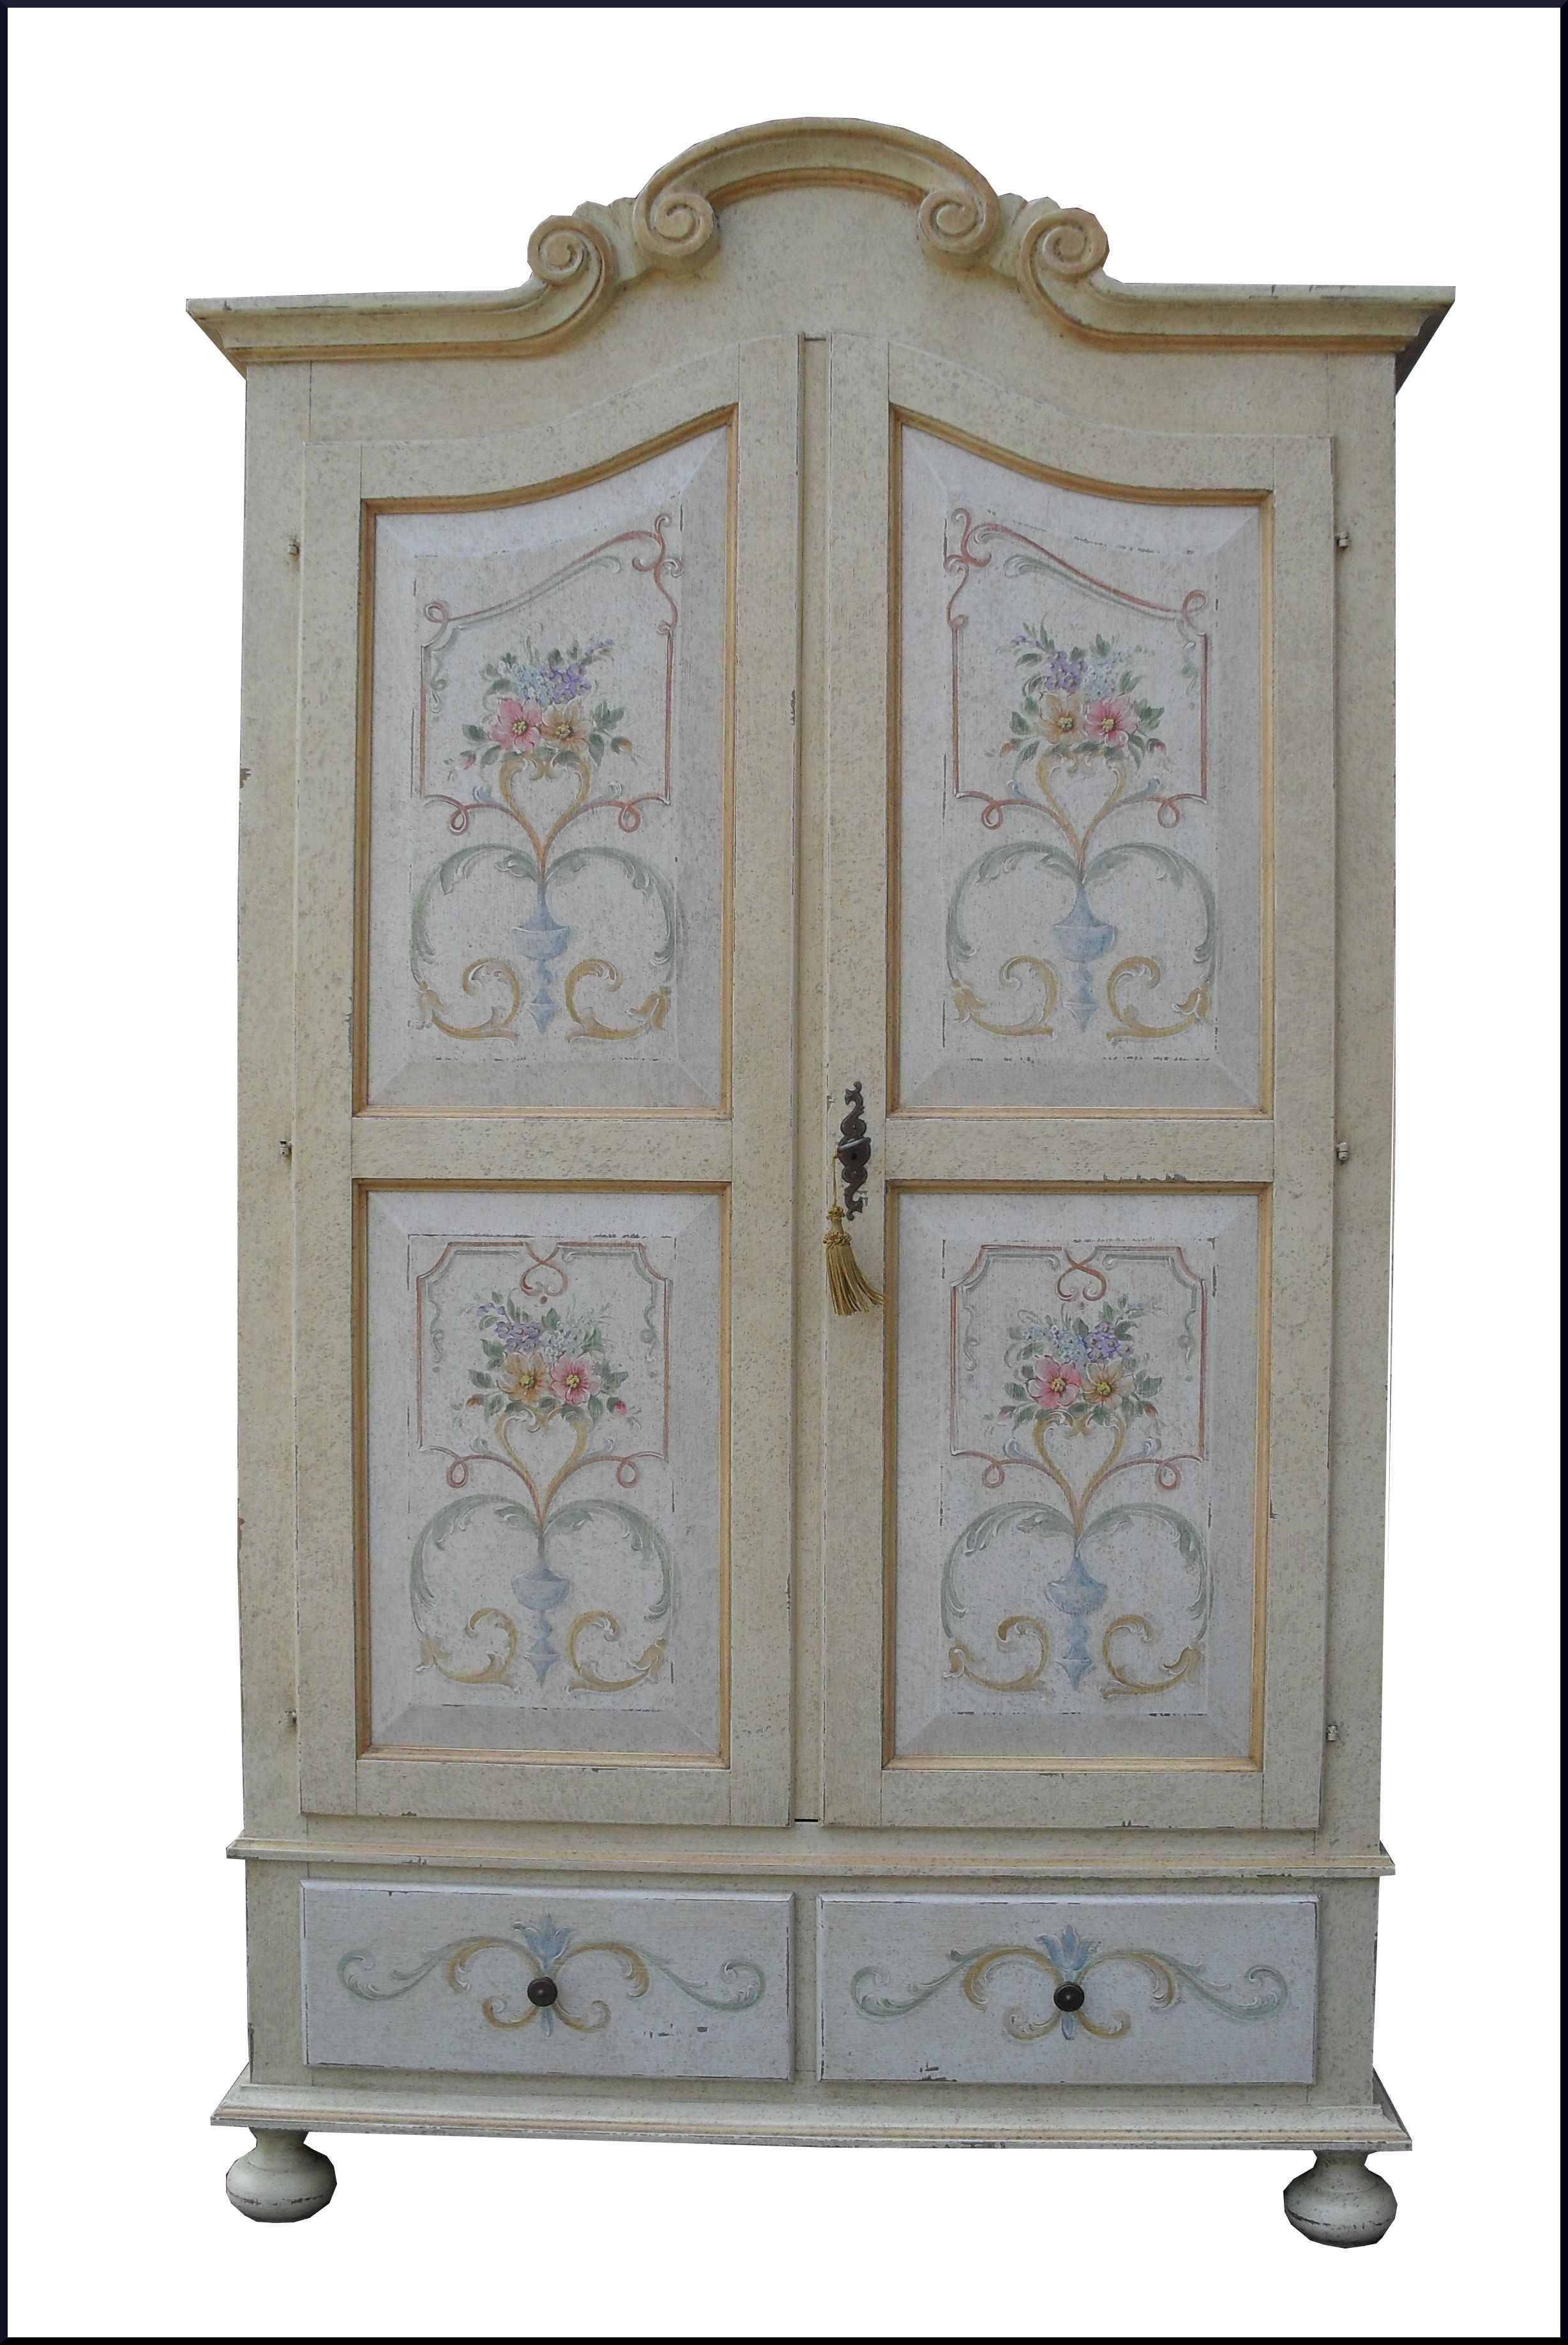 Armadio provenzale dipinto e decorato a mano Decorazioni